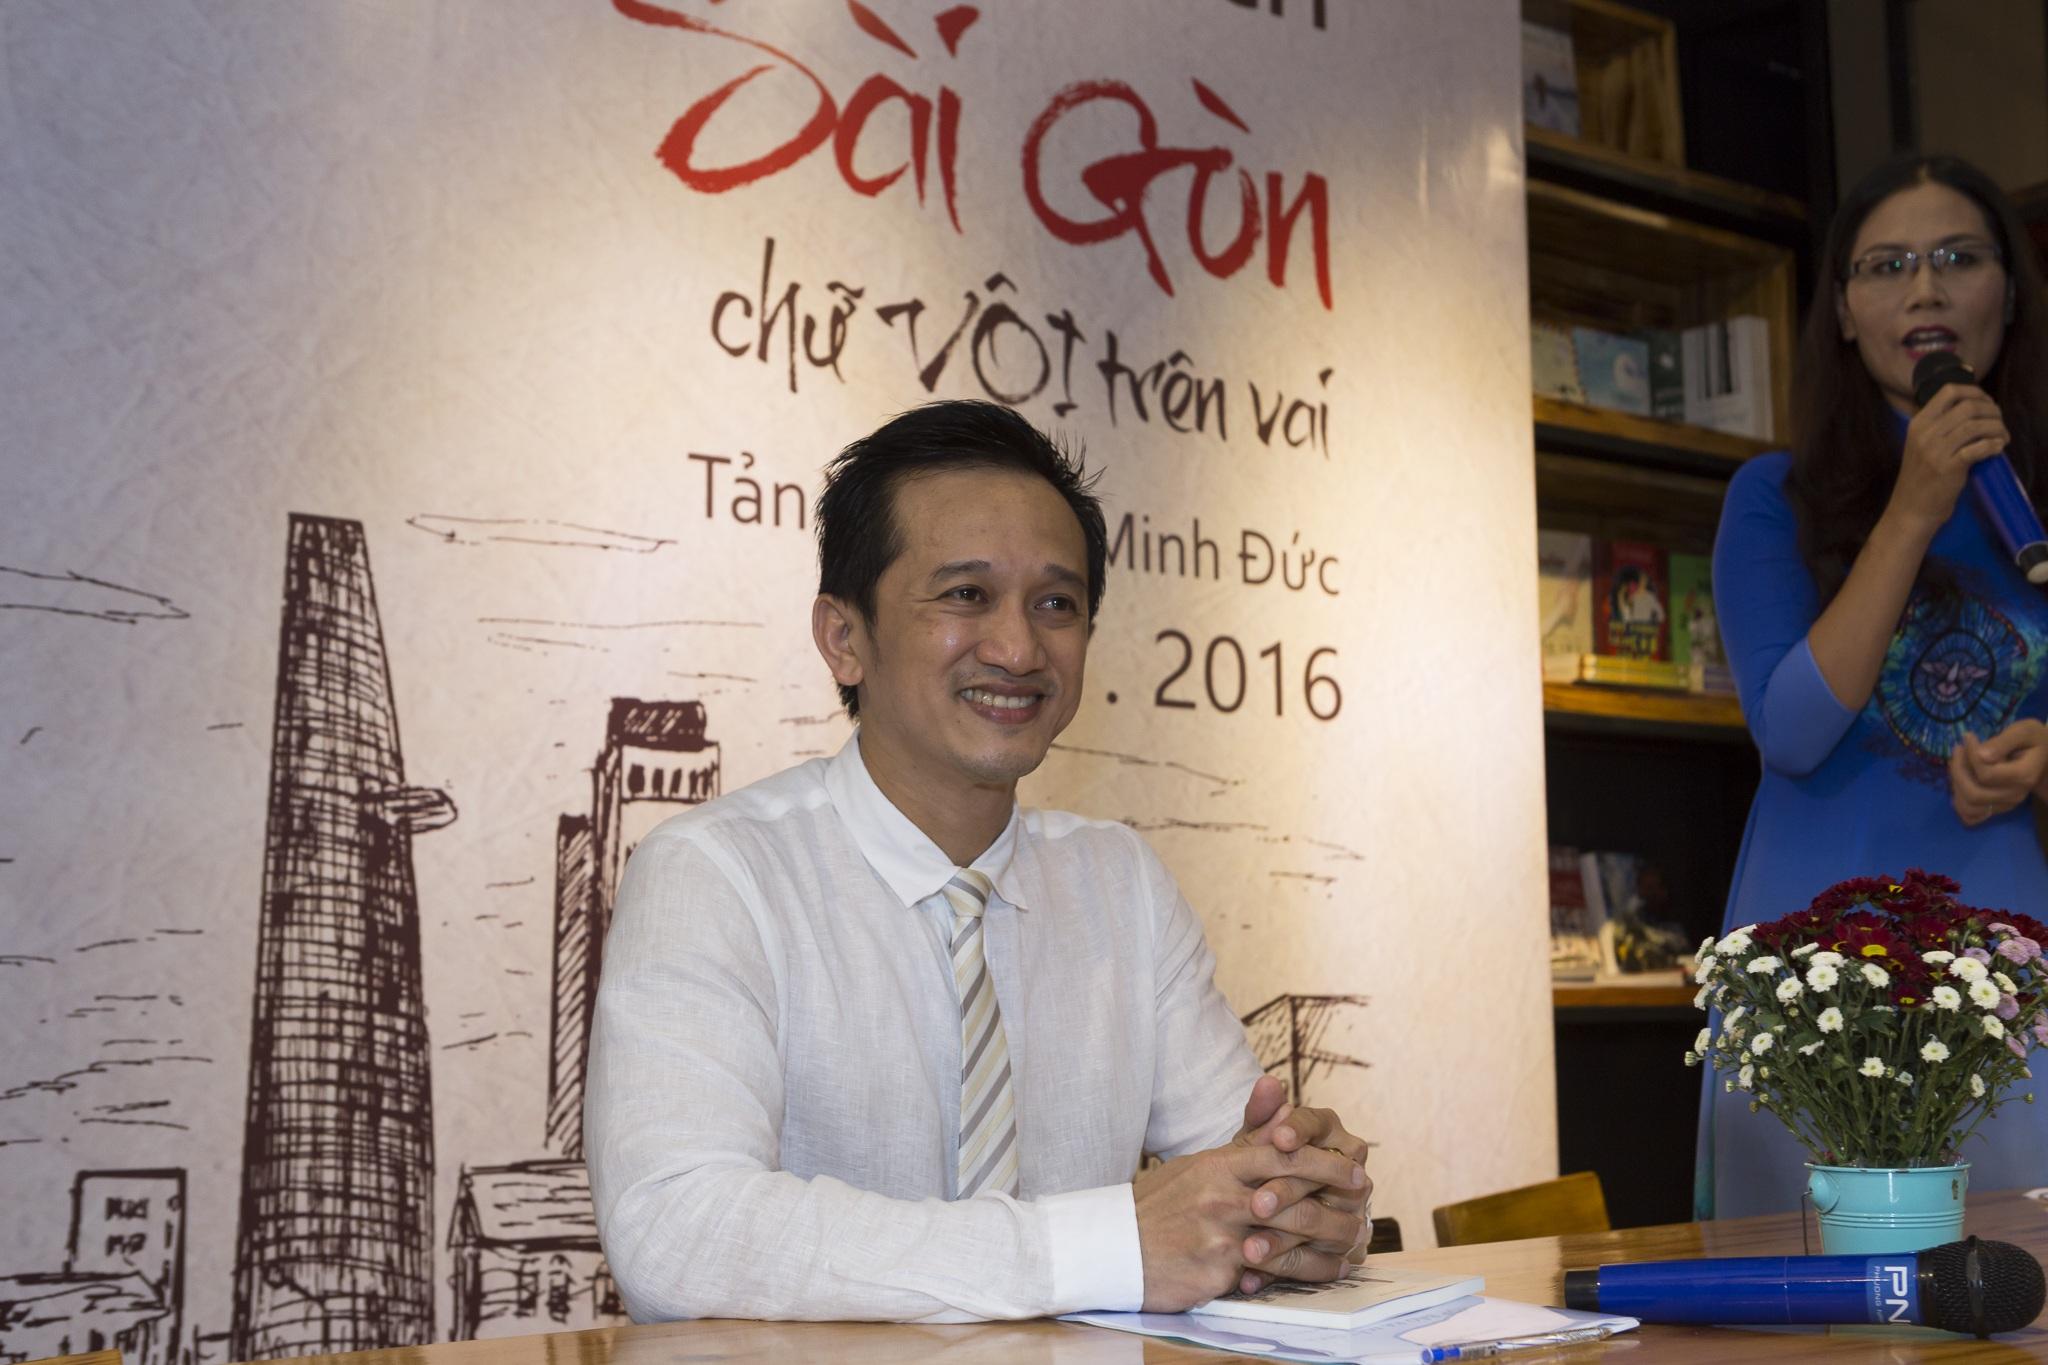 Dù là một bác sĩ chuyên ngành tim mạch nhưng tác giả Vũ Minh Đức đã mang đến cho độc giả những trải nghiệm thú vị trong tản văn Sài Gòn chữ vội trên vai.